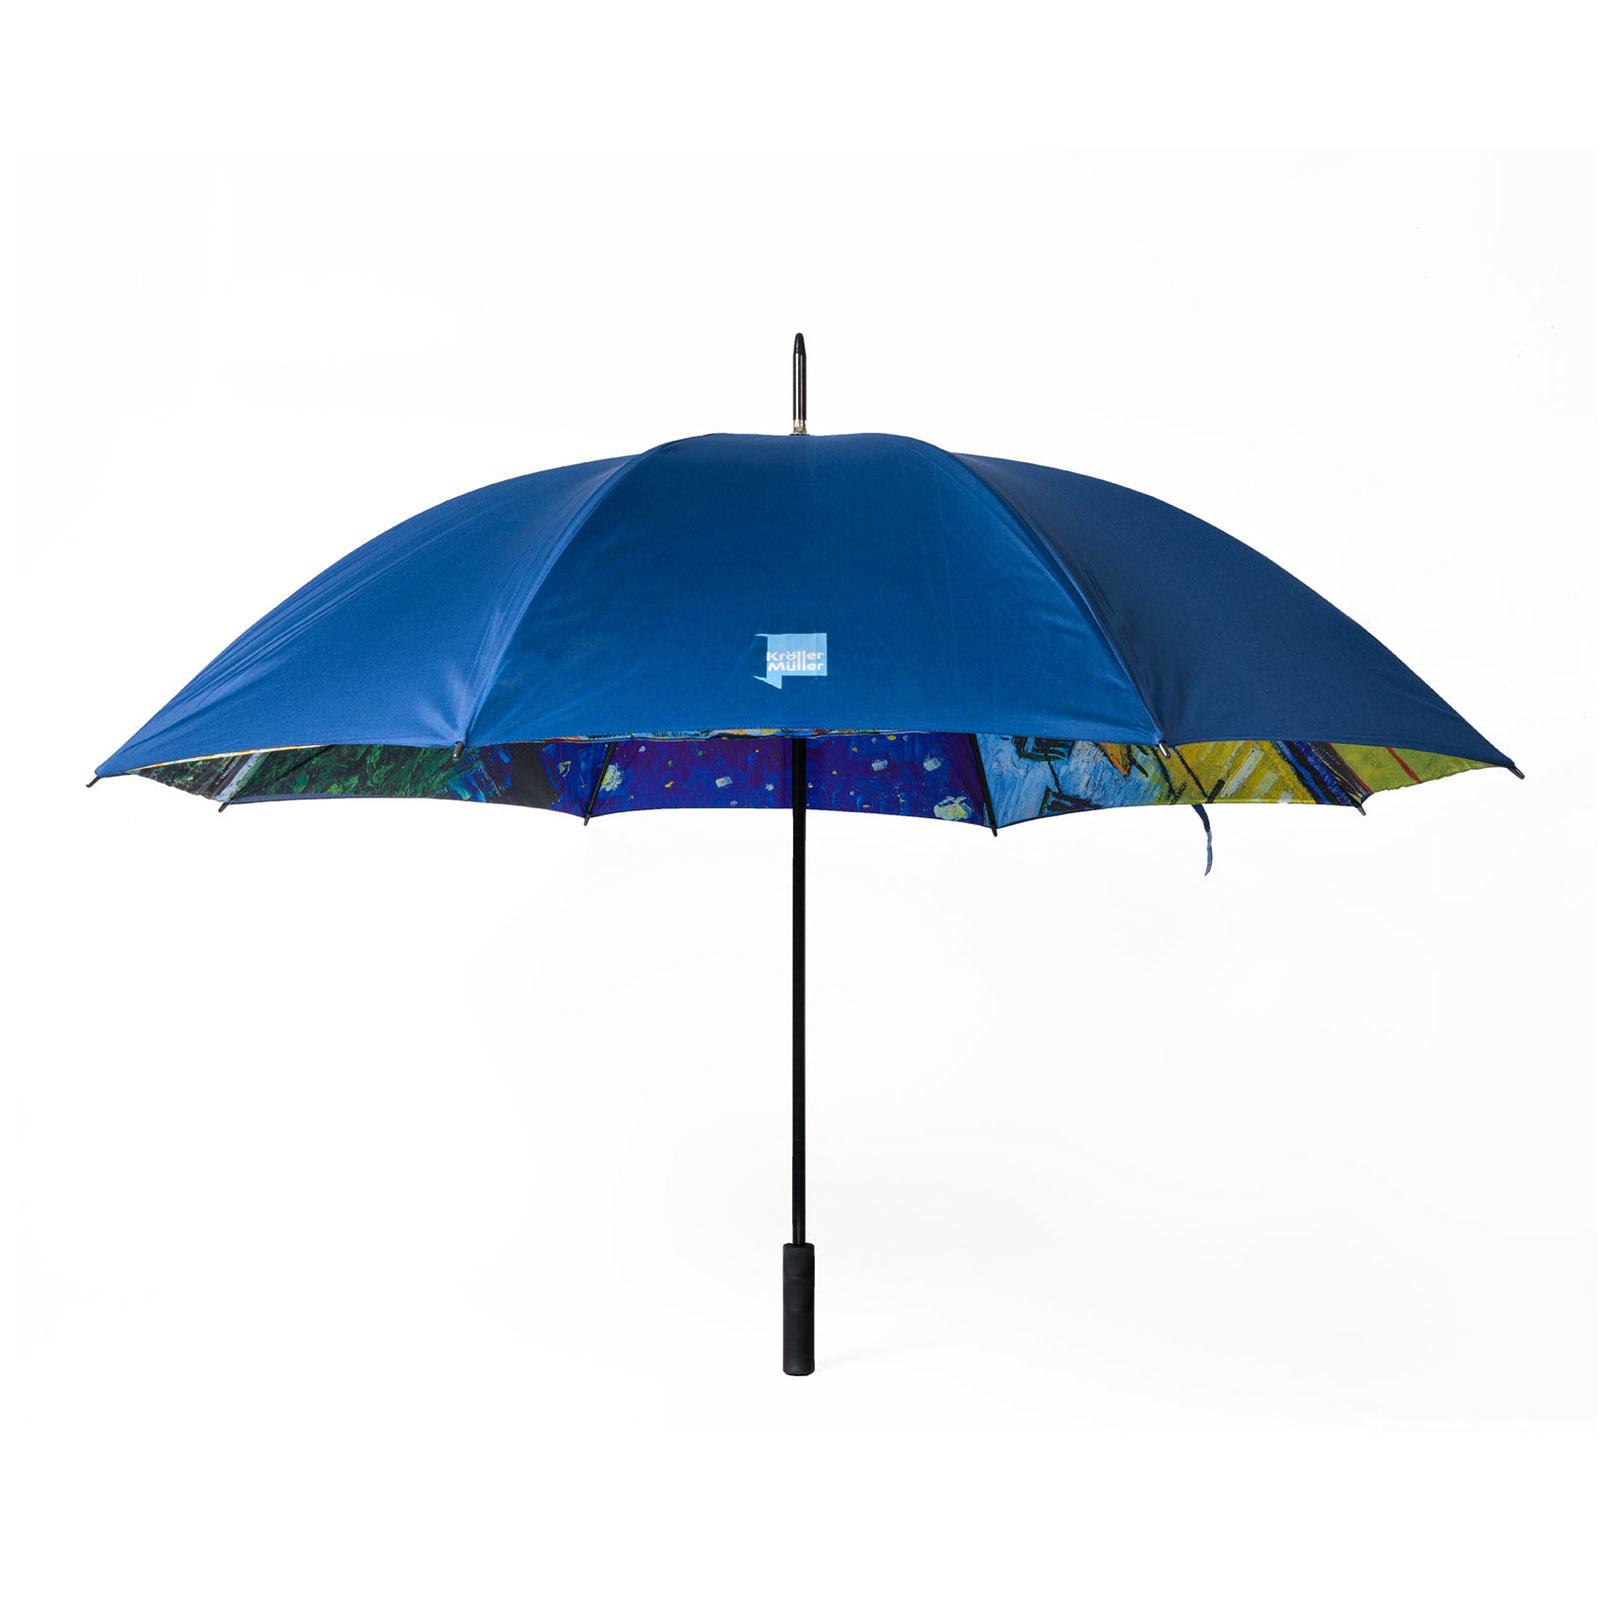 Umbrella Van Gogh Terrace of a café at night